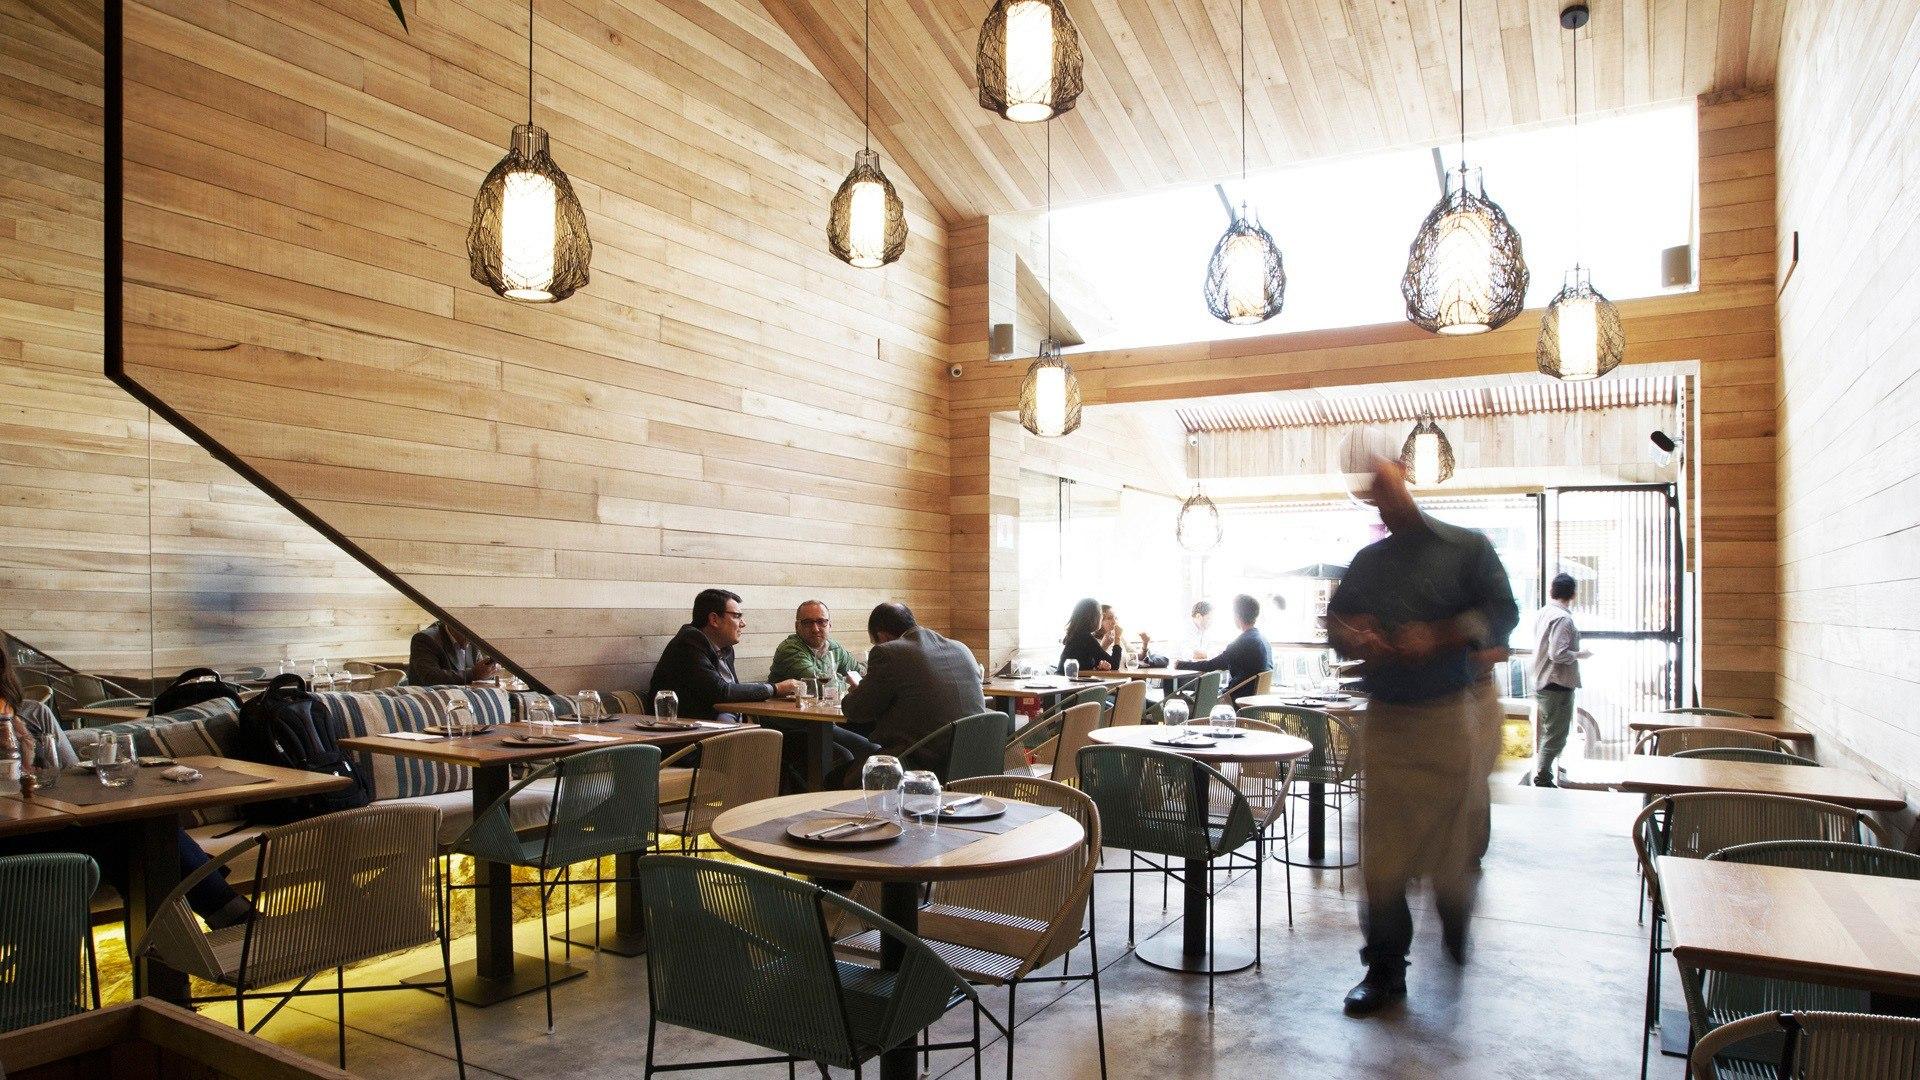 8.restaurante-tanit-interna-diurna-10